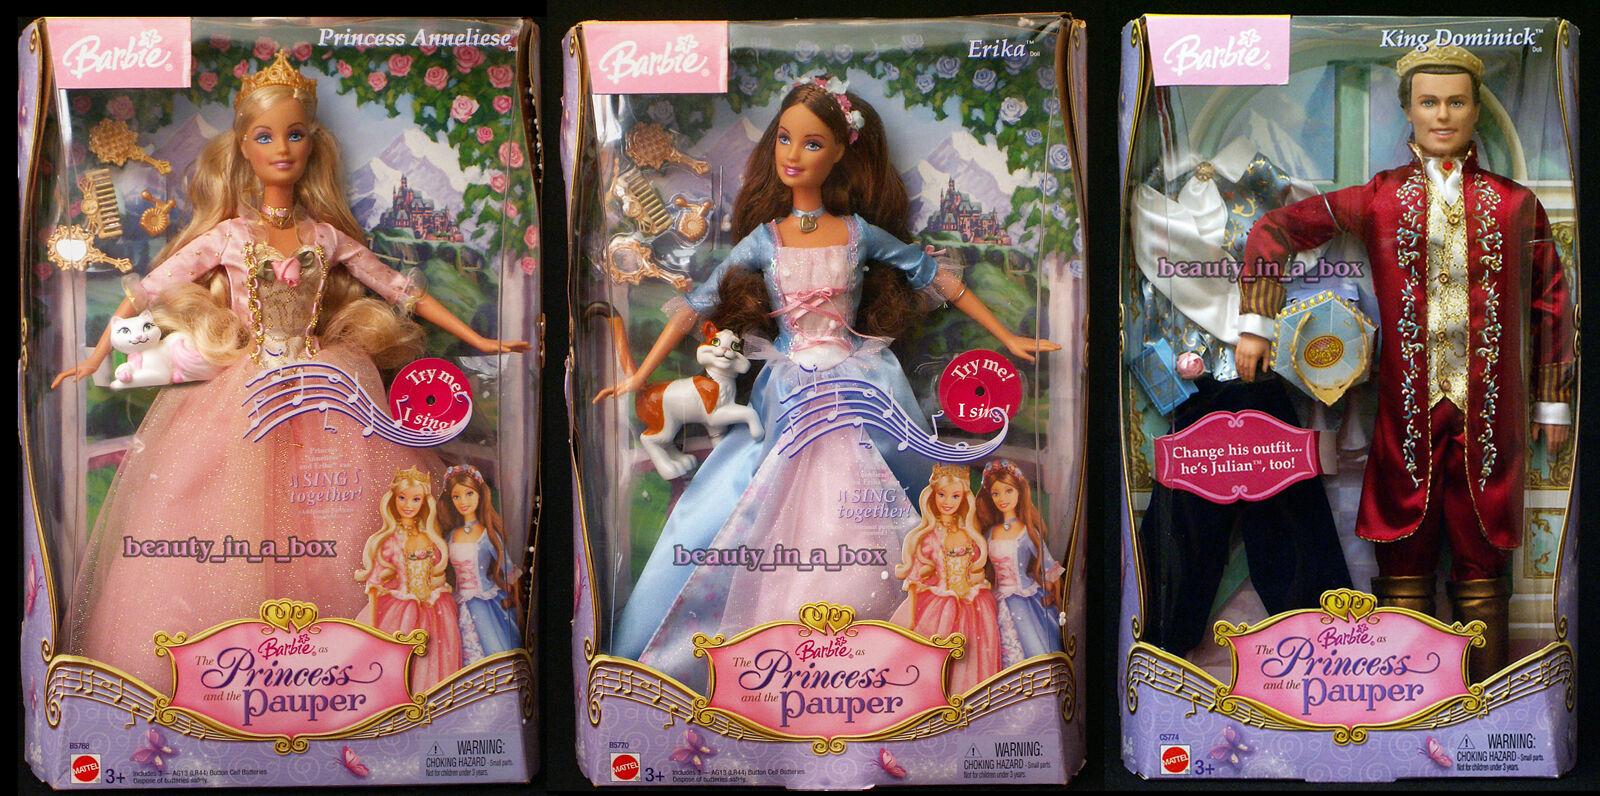 Muñeca Barbie Kritsaralam Erika rey Dominick princesa y el Pauper Ken Lote 3 en muy buena condición